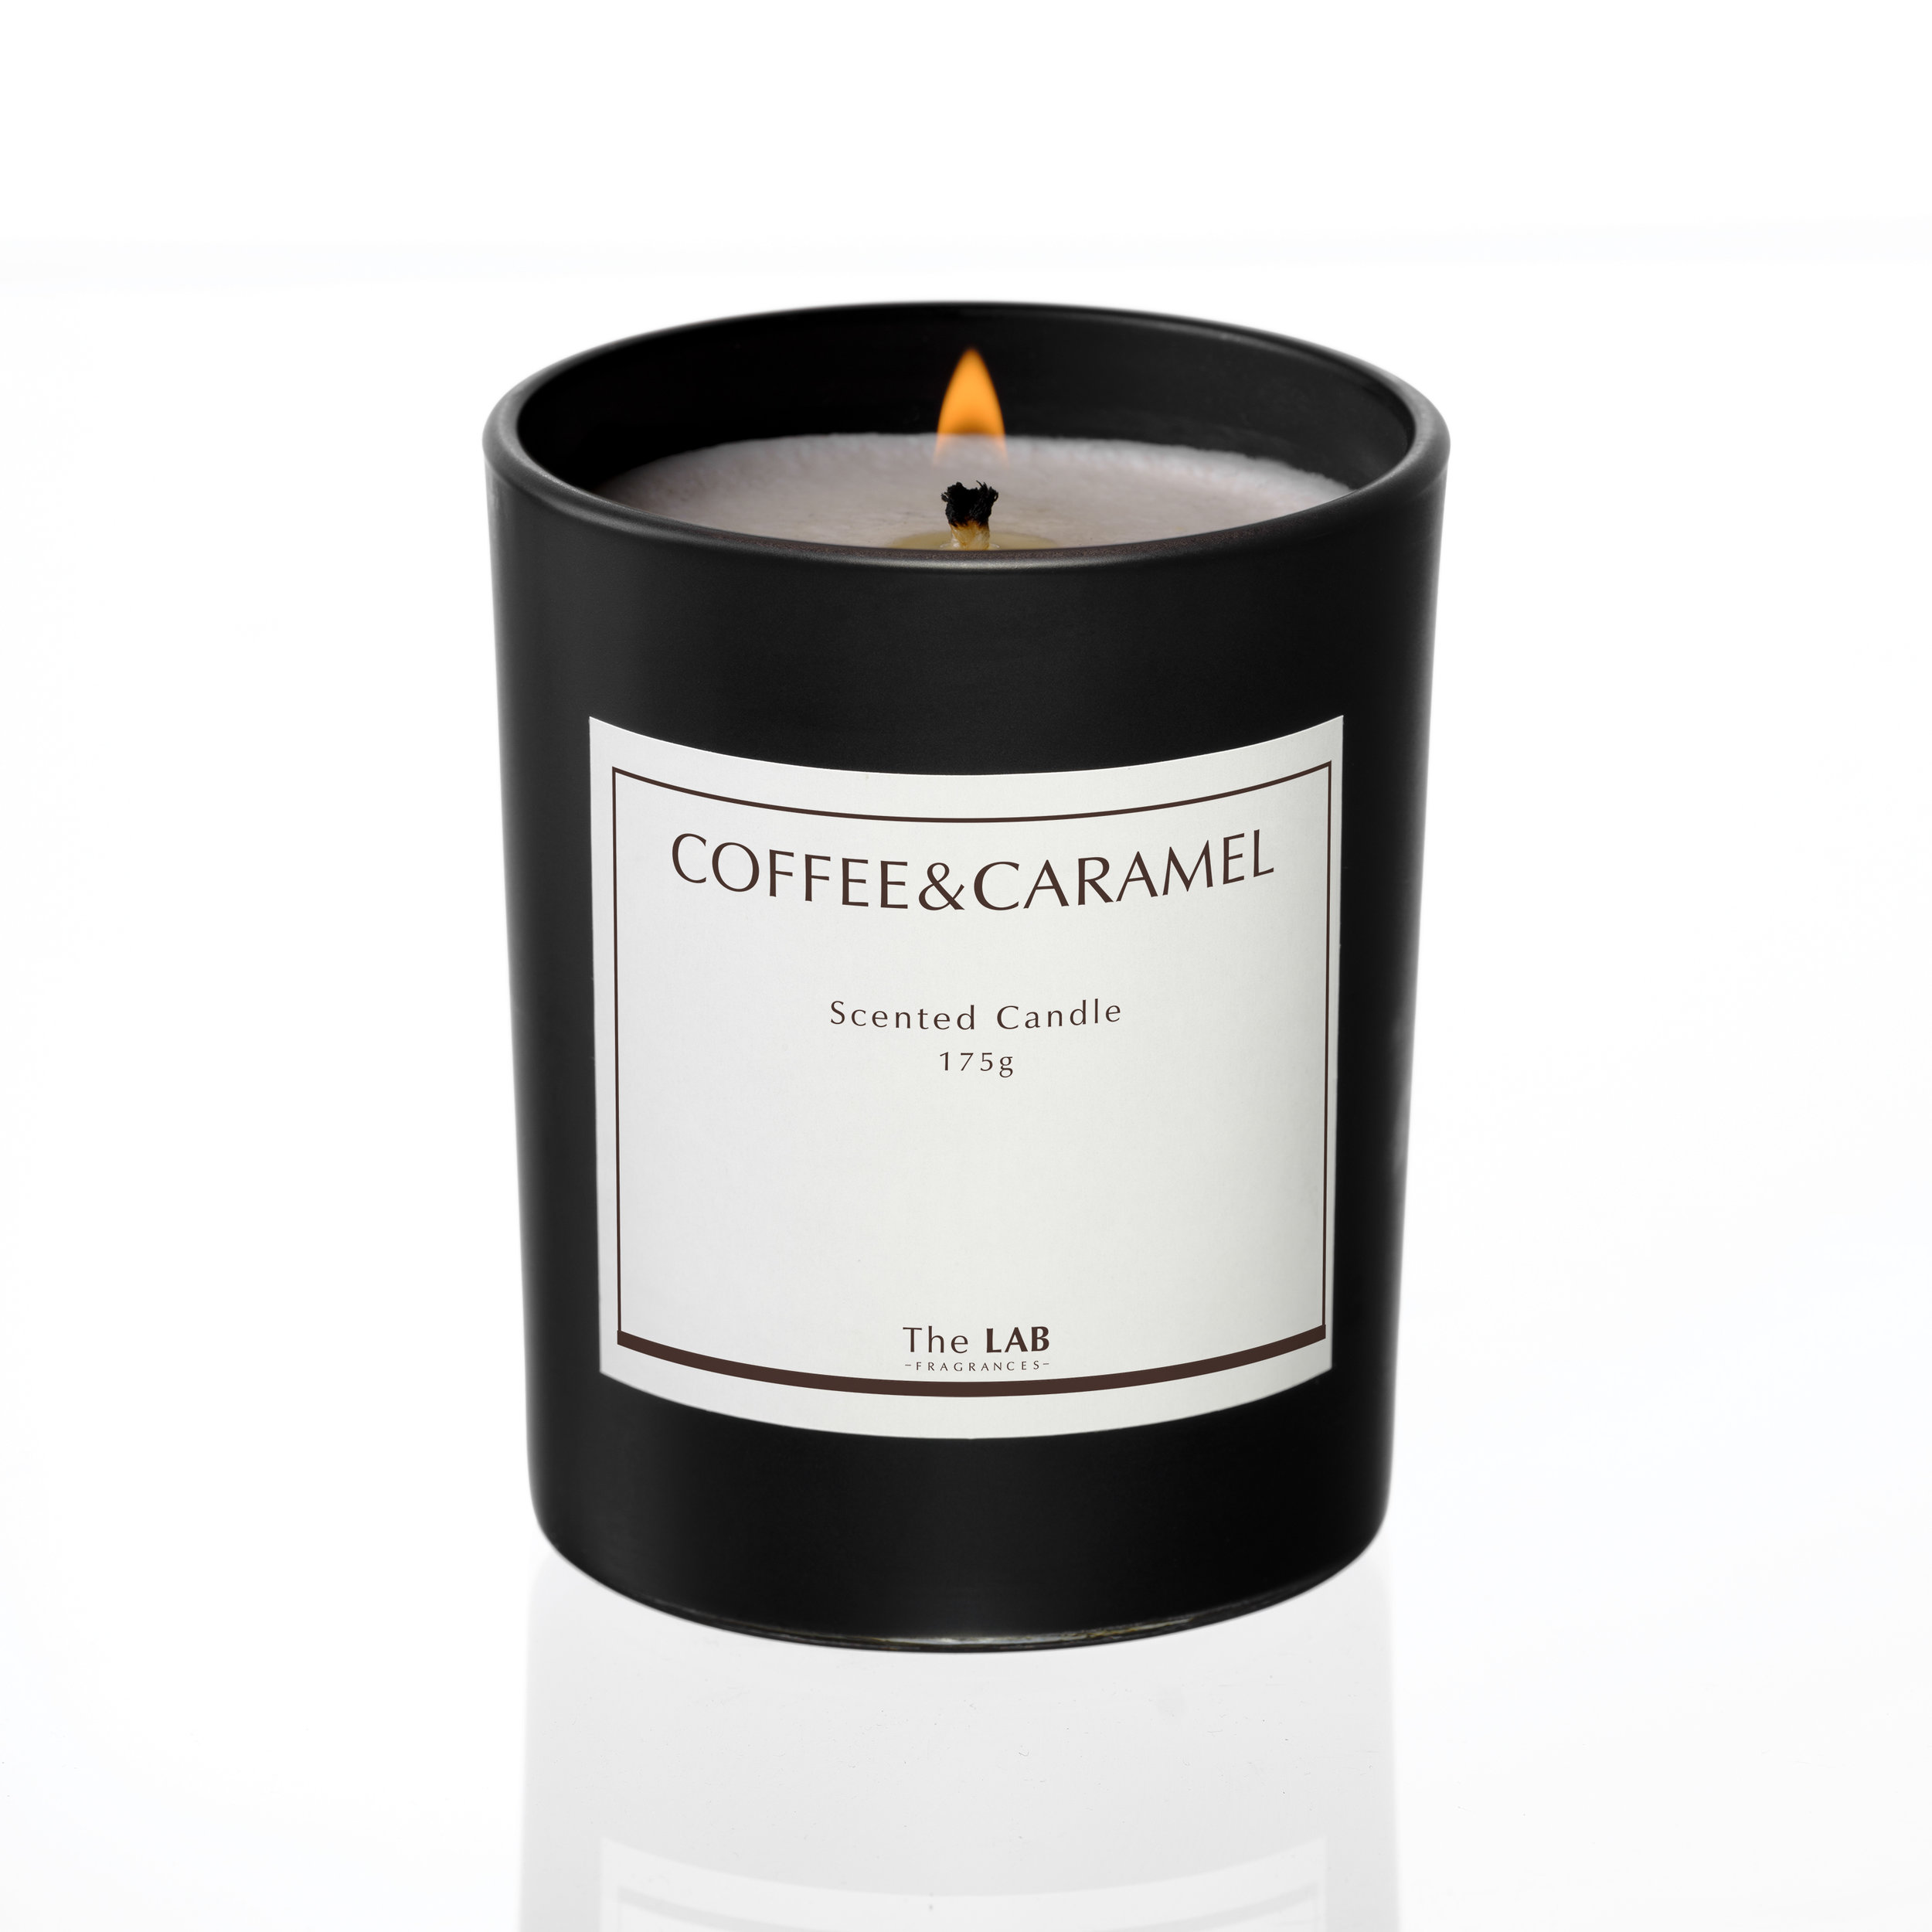 SC_COFFEE&CARAMEL.jpg